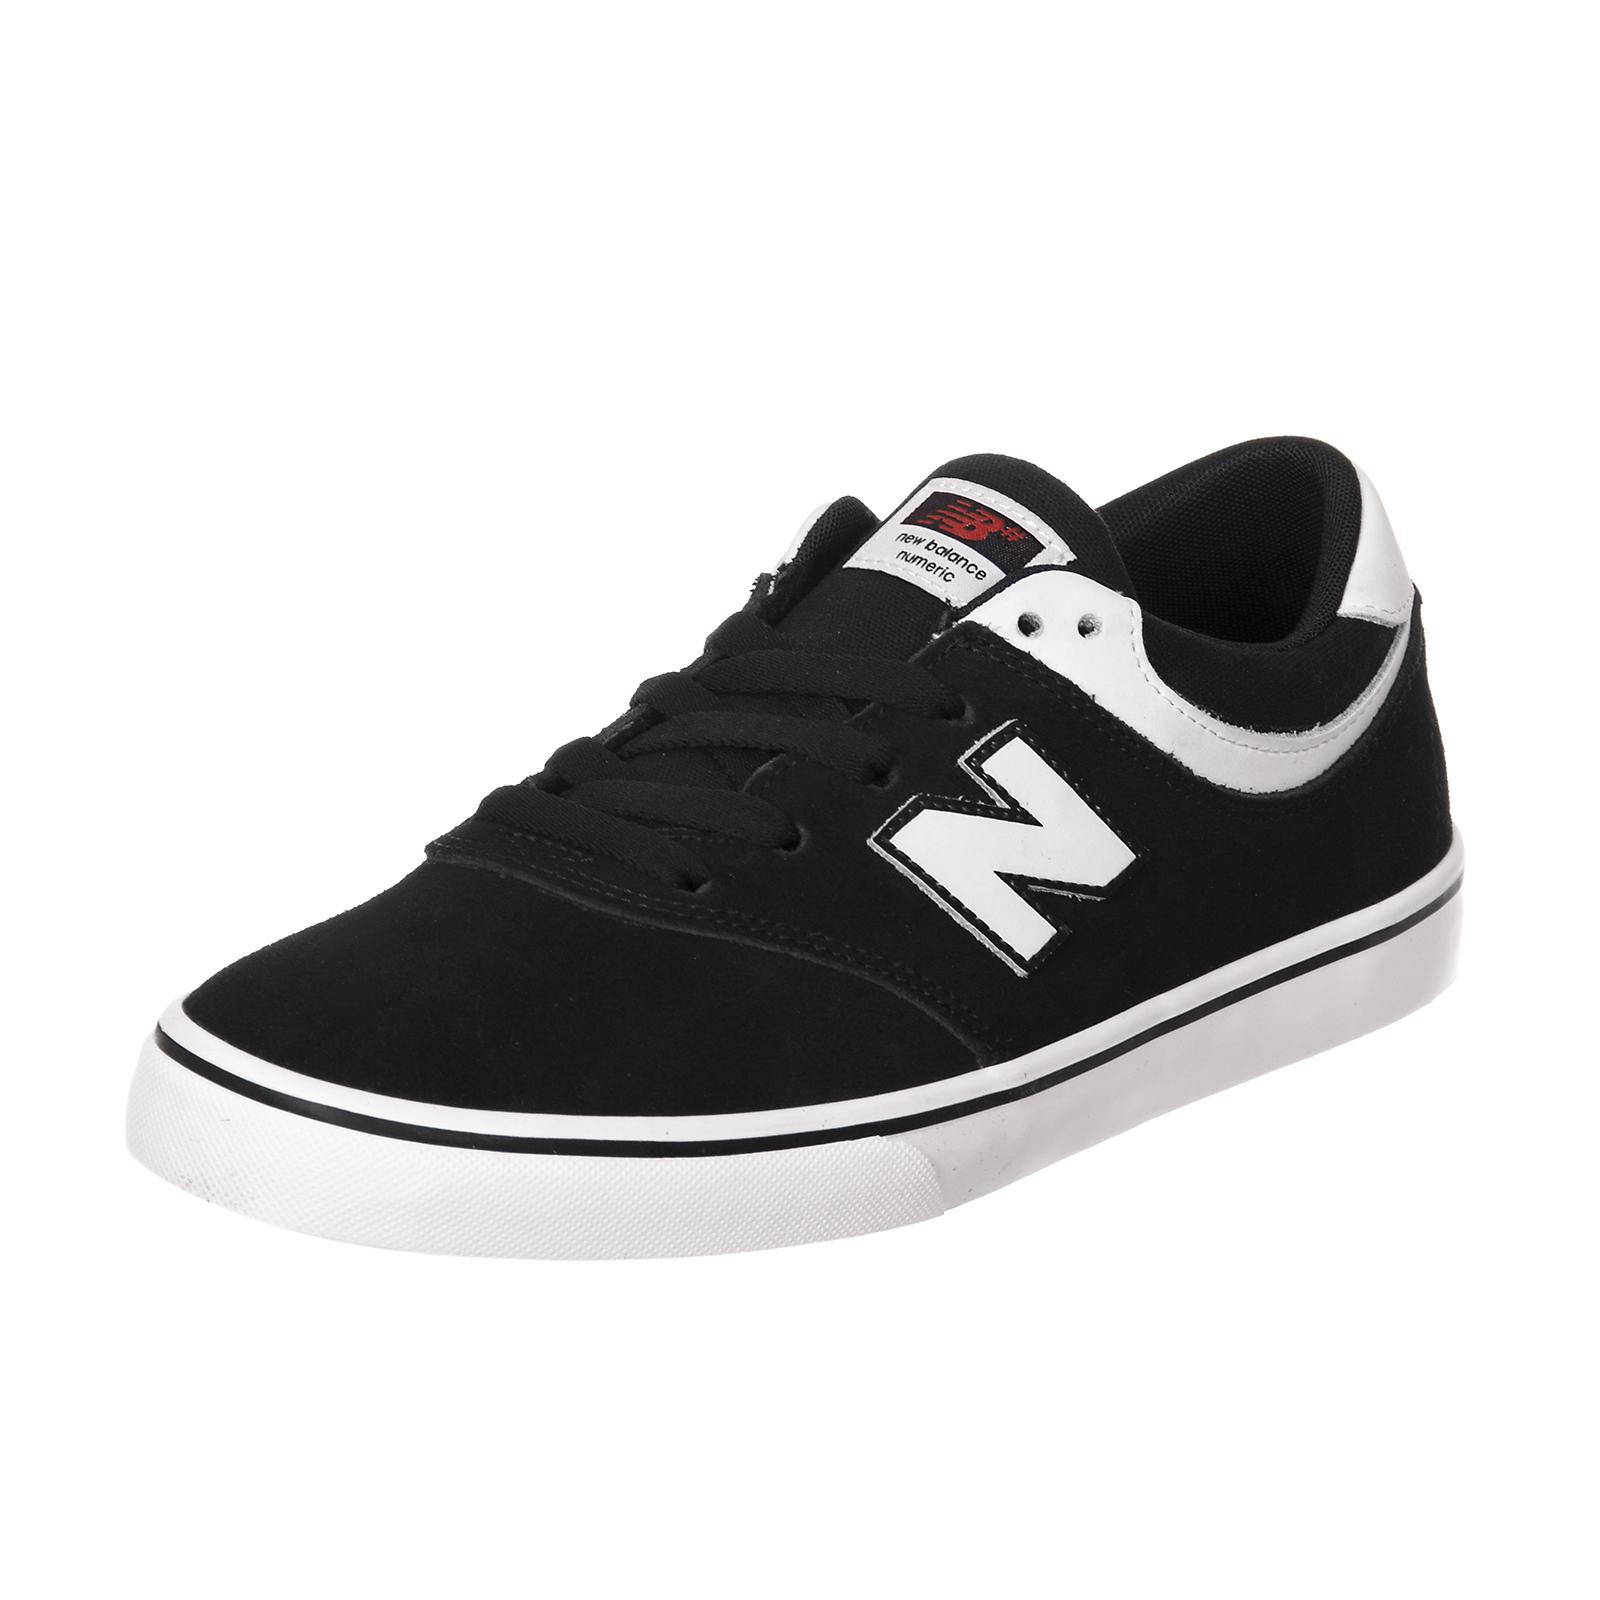 New balance Zapatillas m2018nn m2018nn m2018nn Navy 79483e